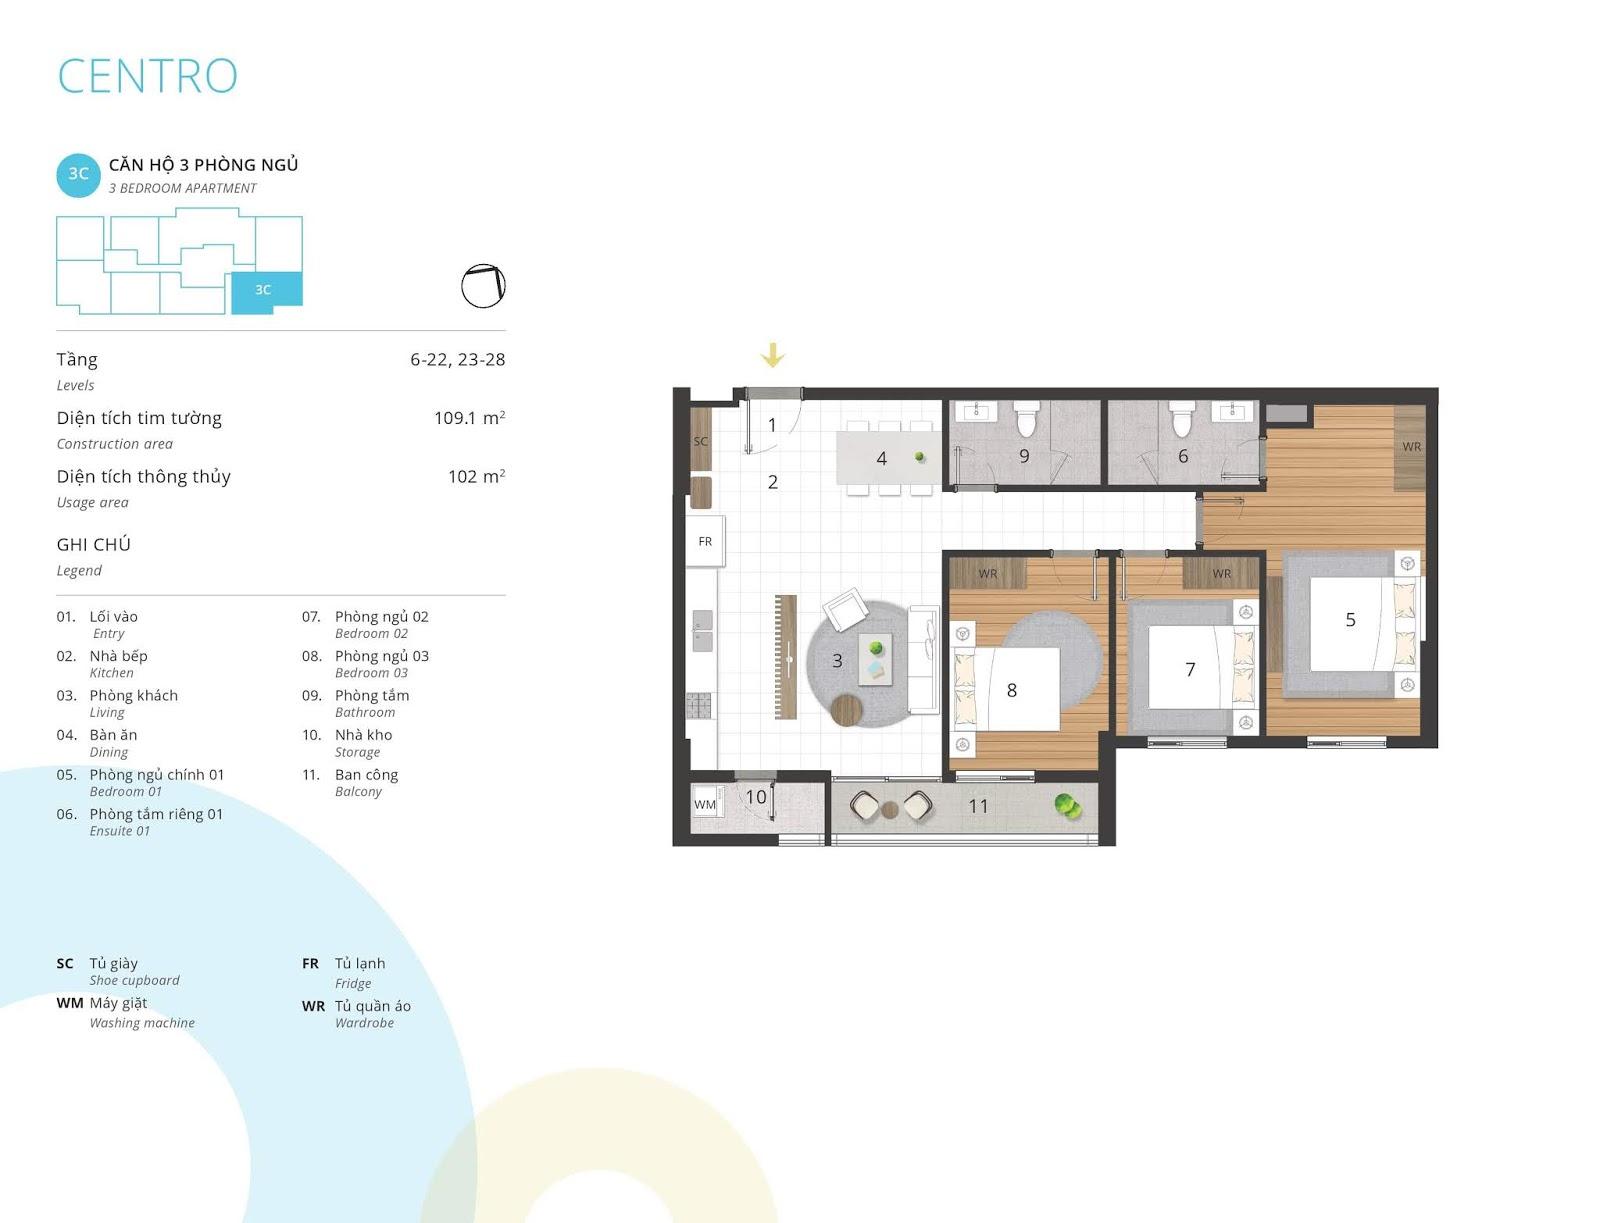 Mặt bằng căn hộ 3 phòng ngủ 102 m2 thông thủy tòa CENTRO